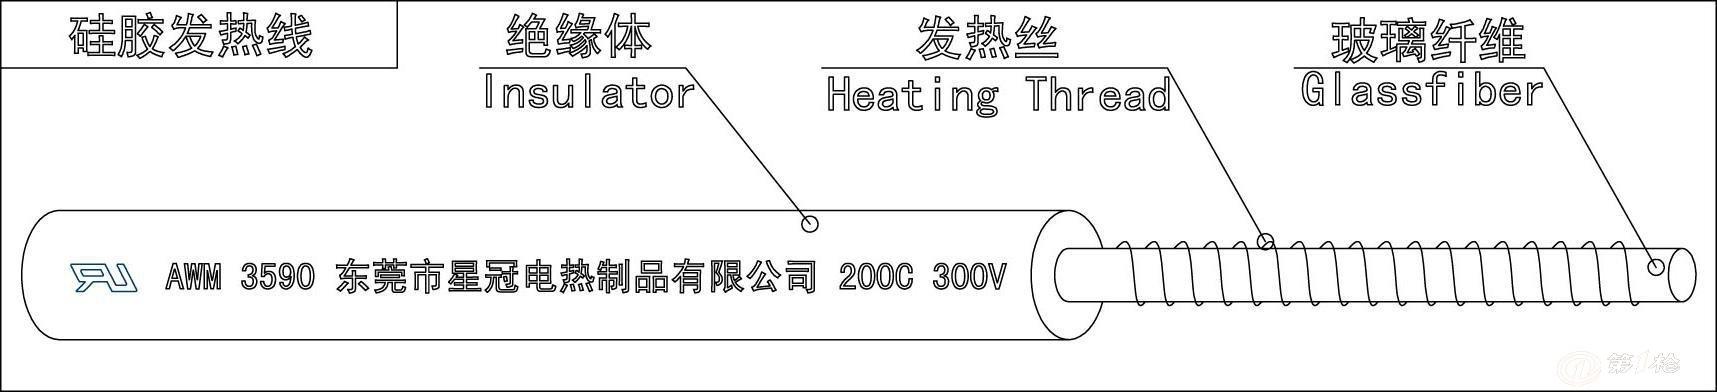 3270 适用范围: 适用于电热毯,电热块,电热按摩椅,玉石床垫,电热毛巾